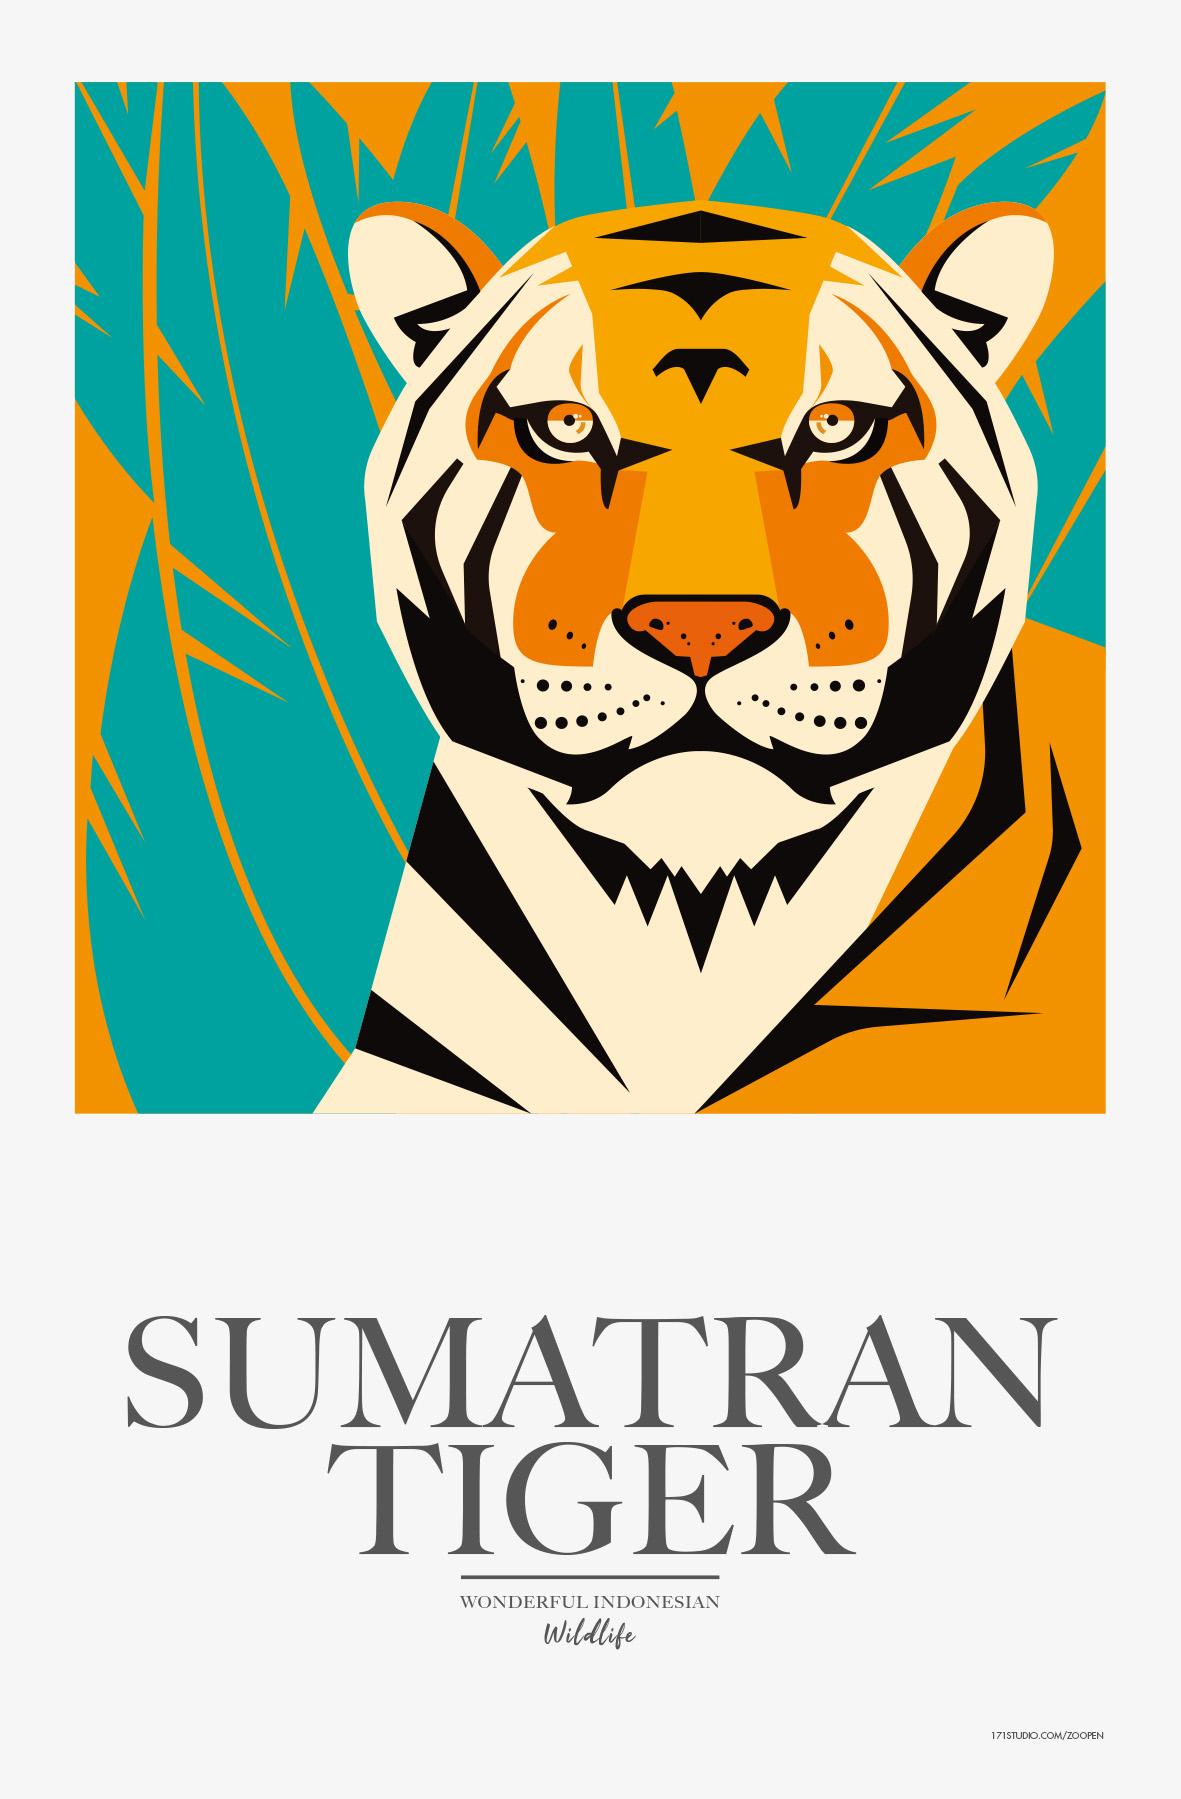 Sumatrantiger171studiomathieusechet